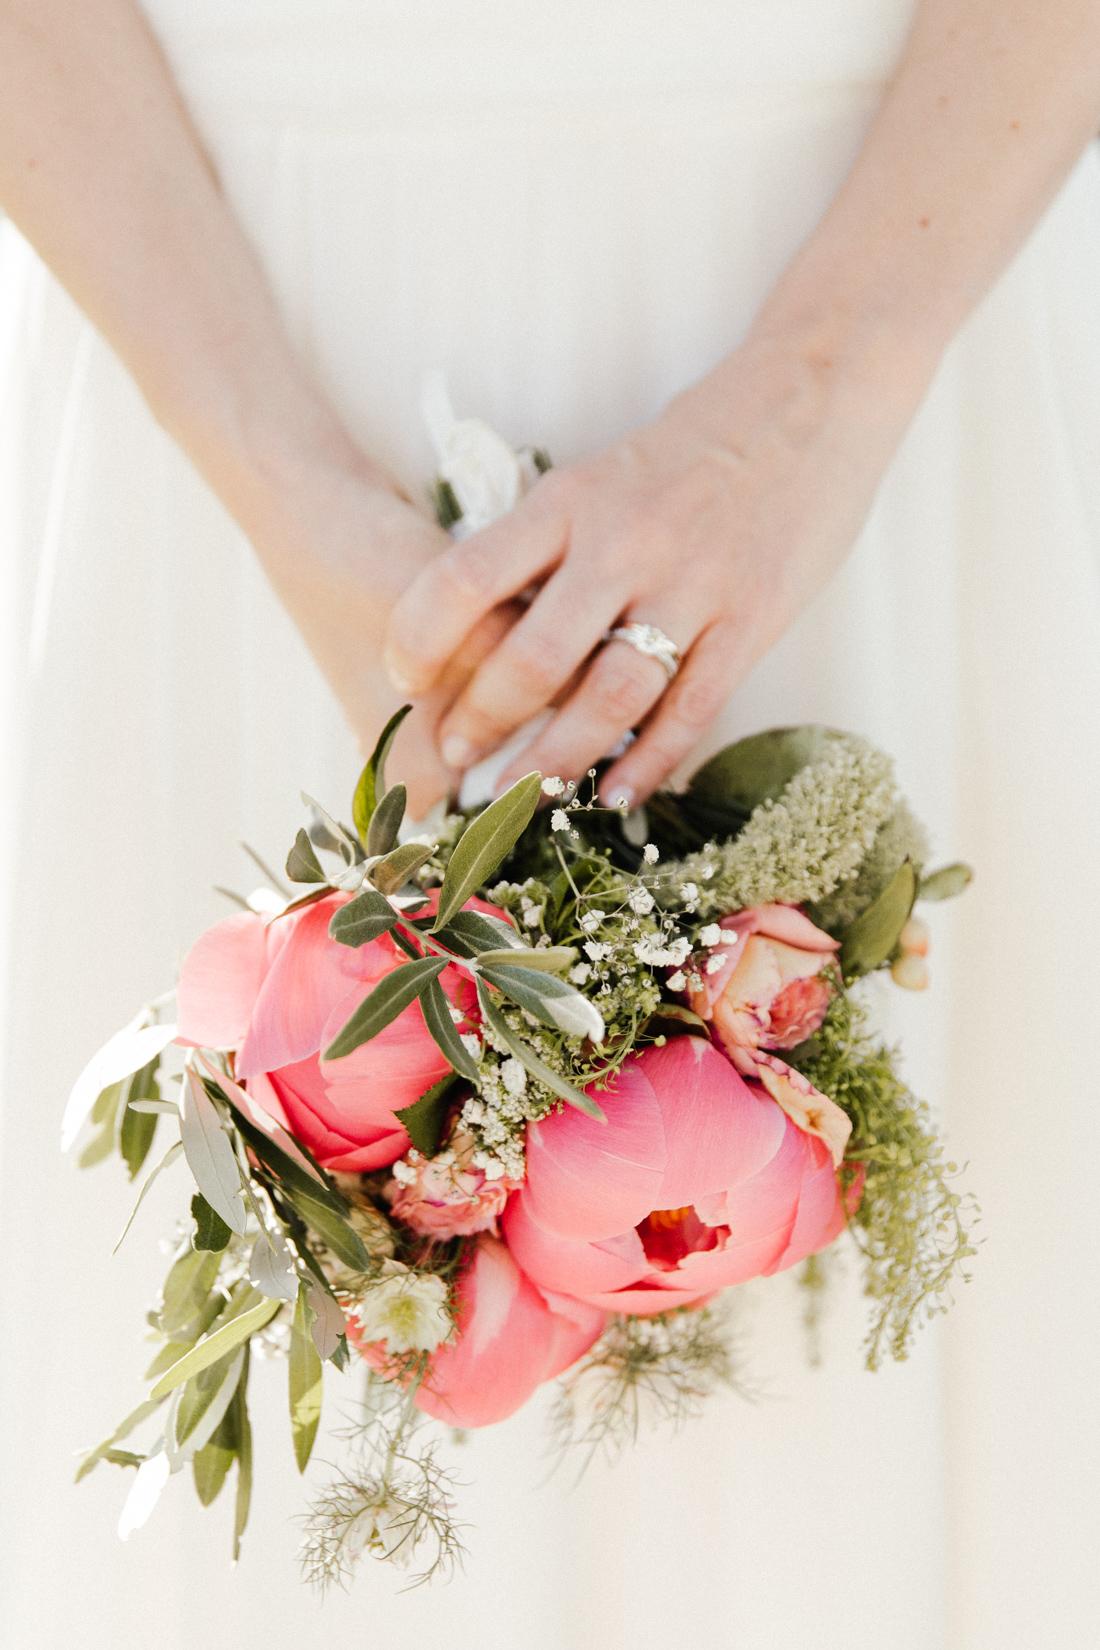 bouquet-mariee-pivoine-photographe-mariage-toulouse